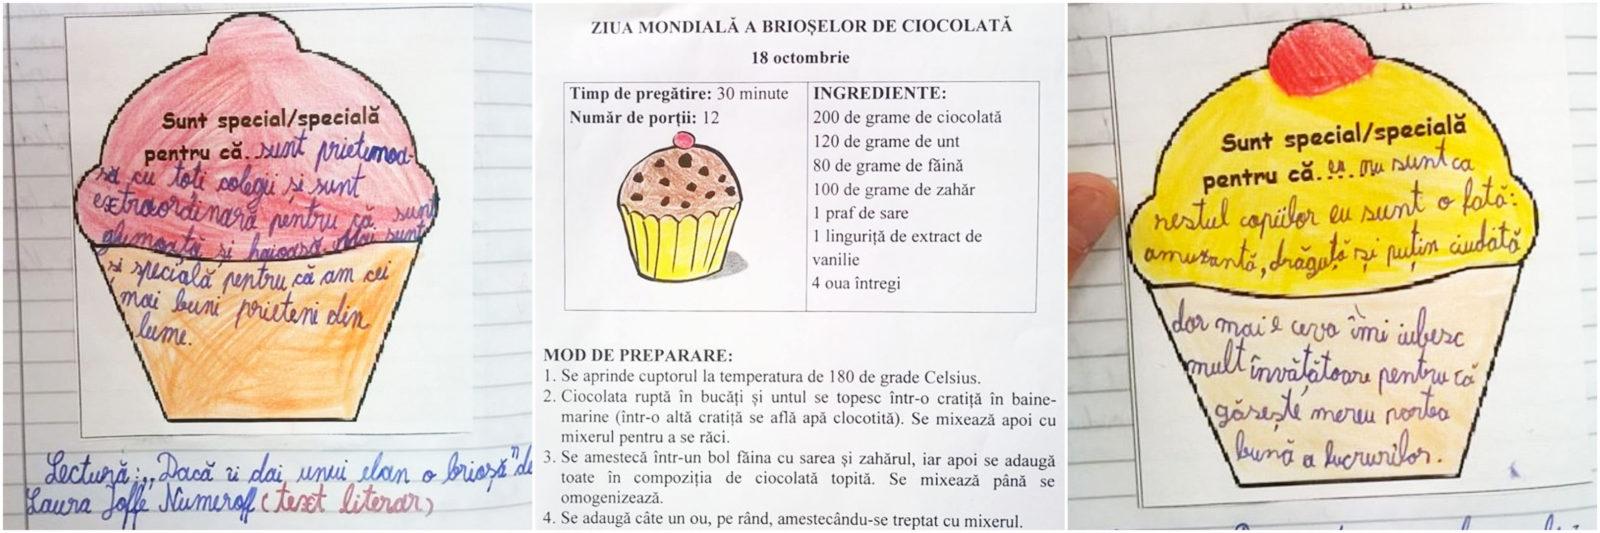 ziua mondială a brioșelor de ciocolată